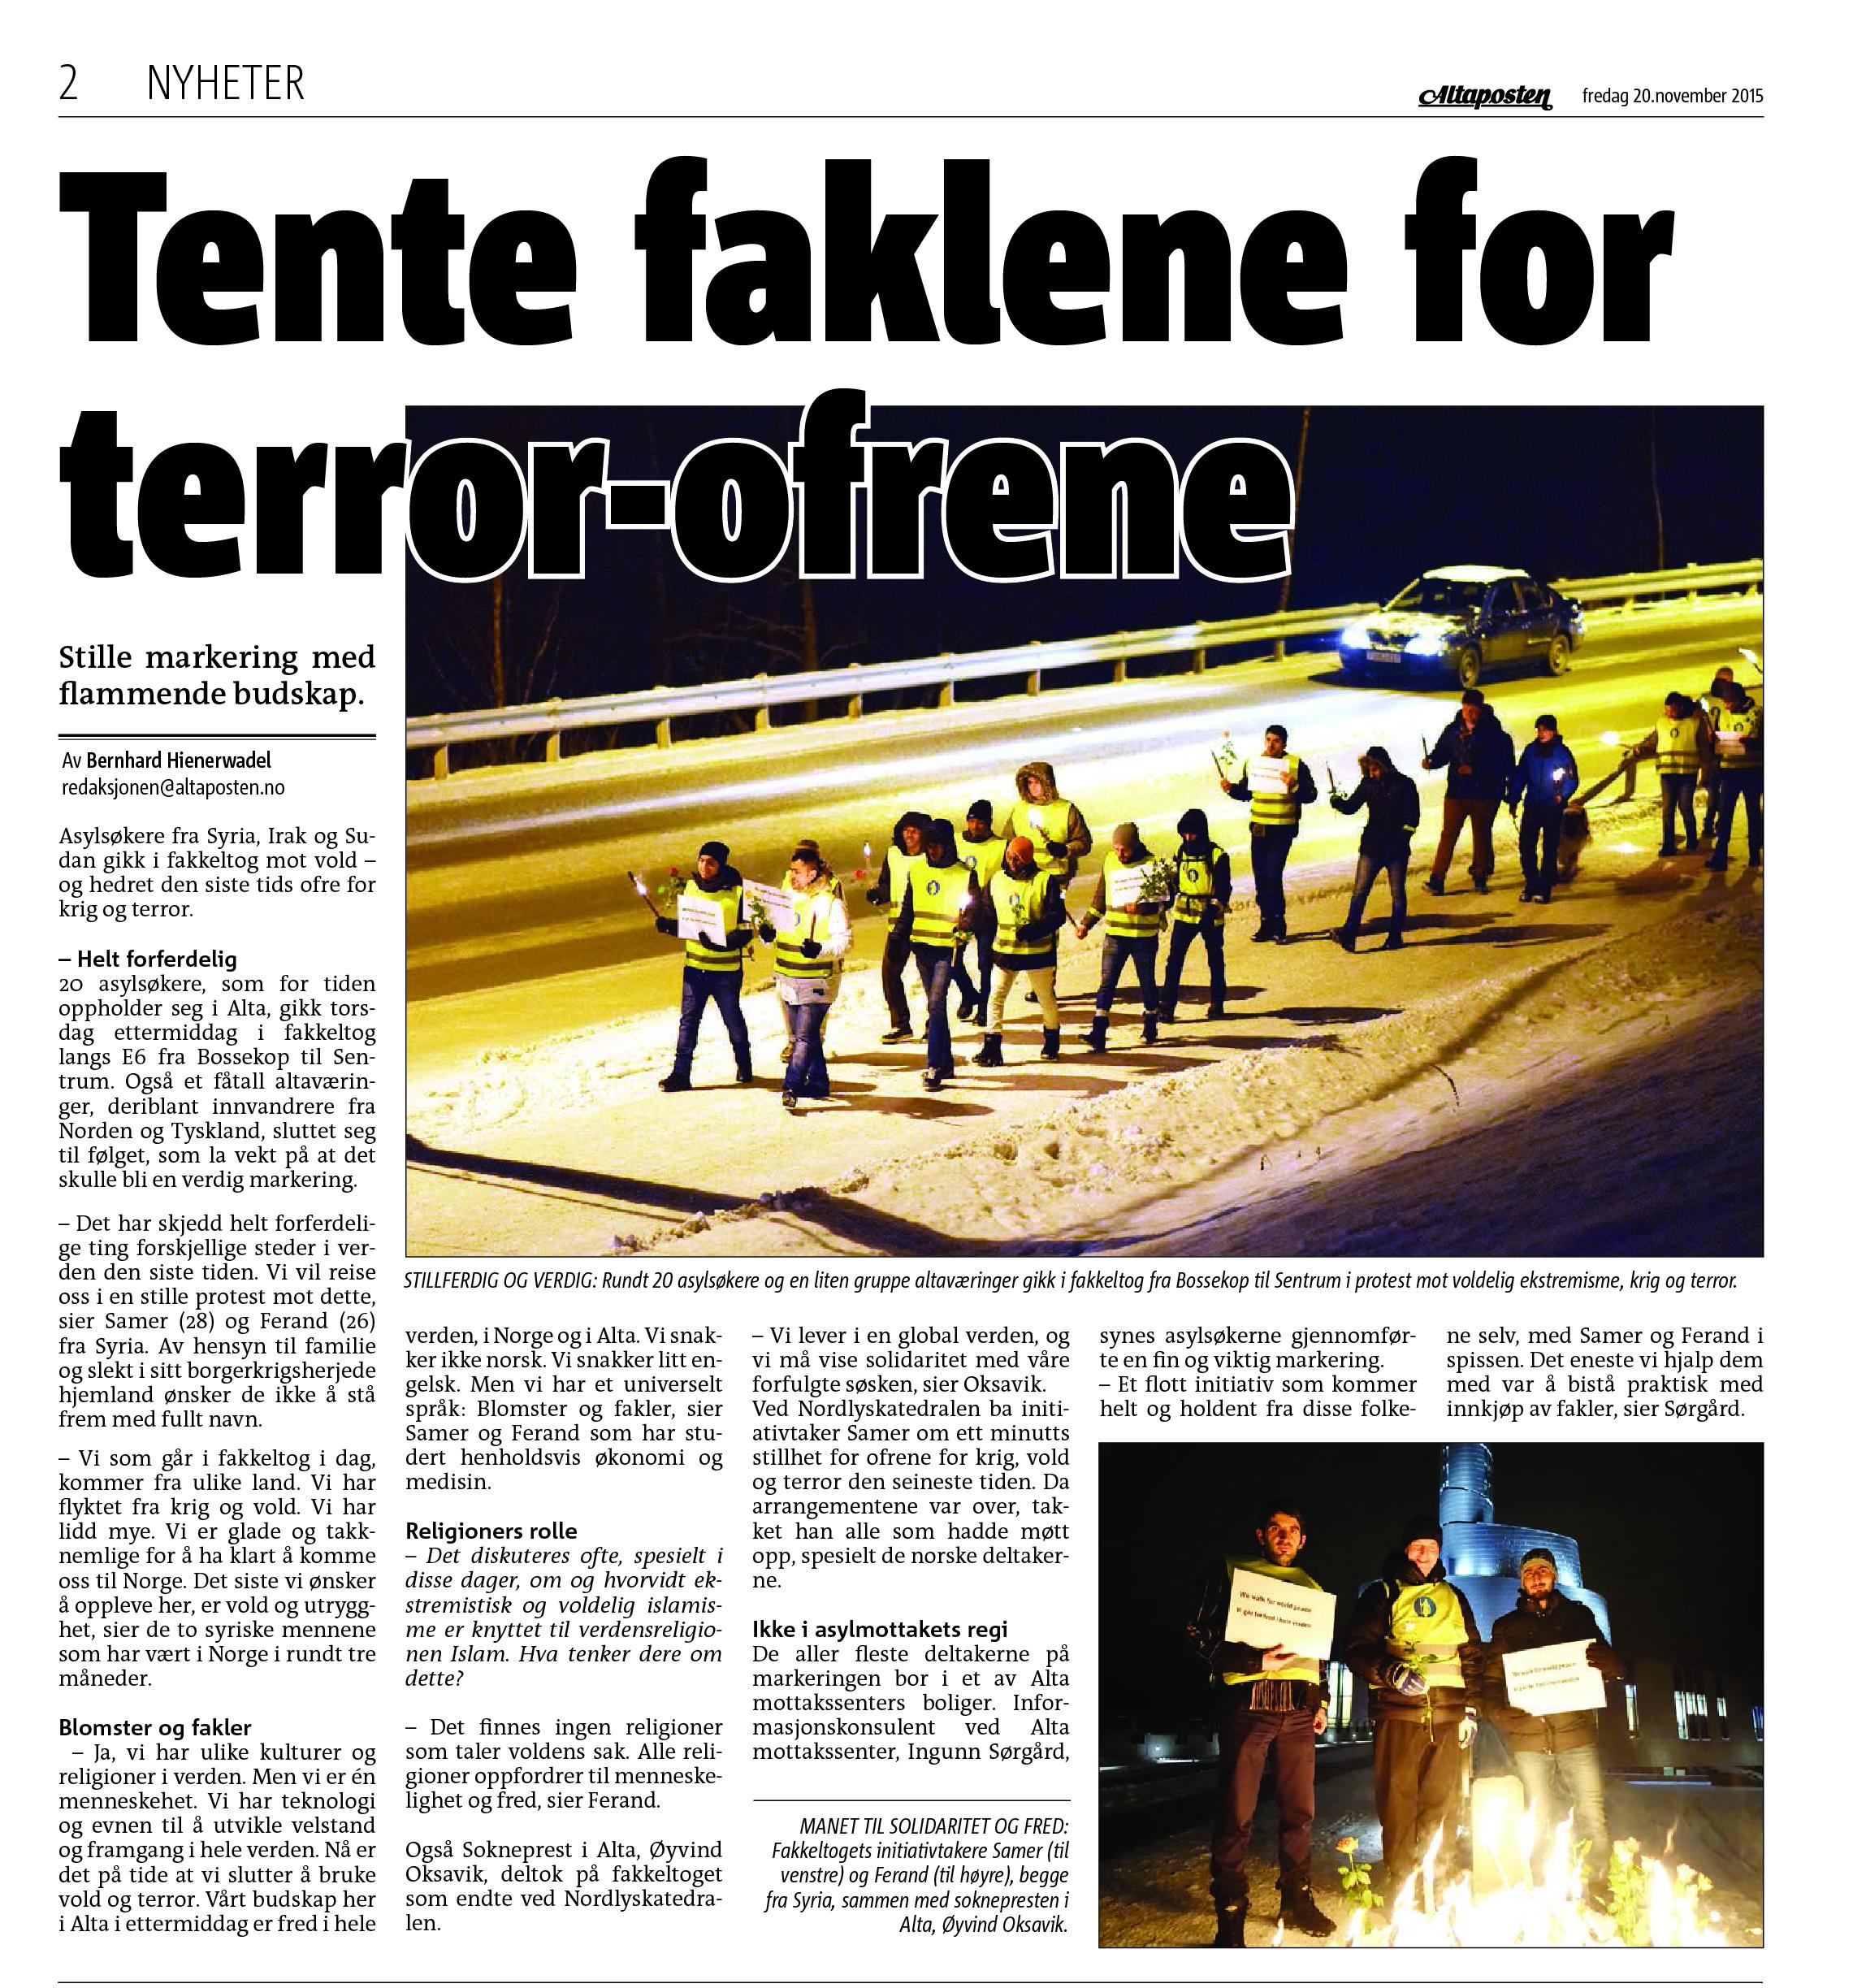 Tente faklene for terror-ofrene